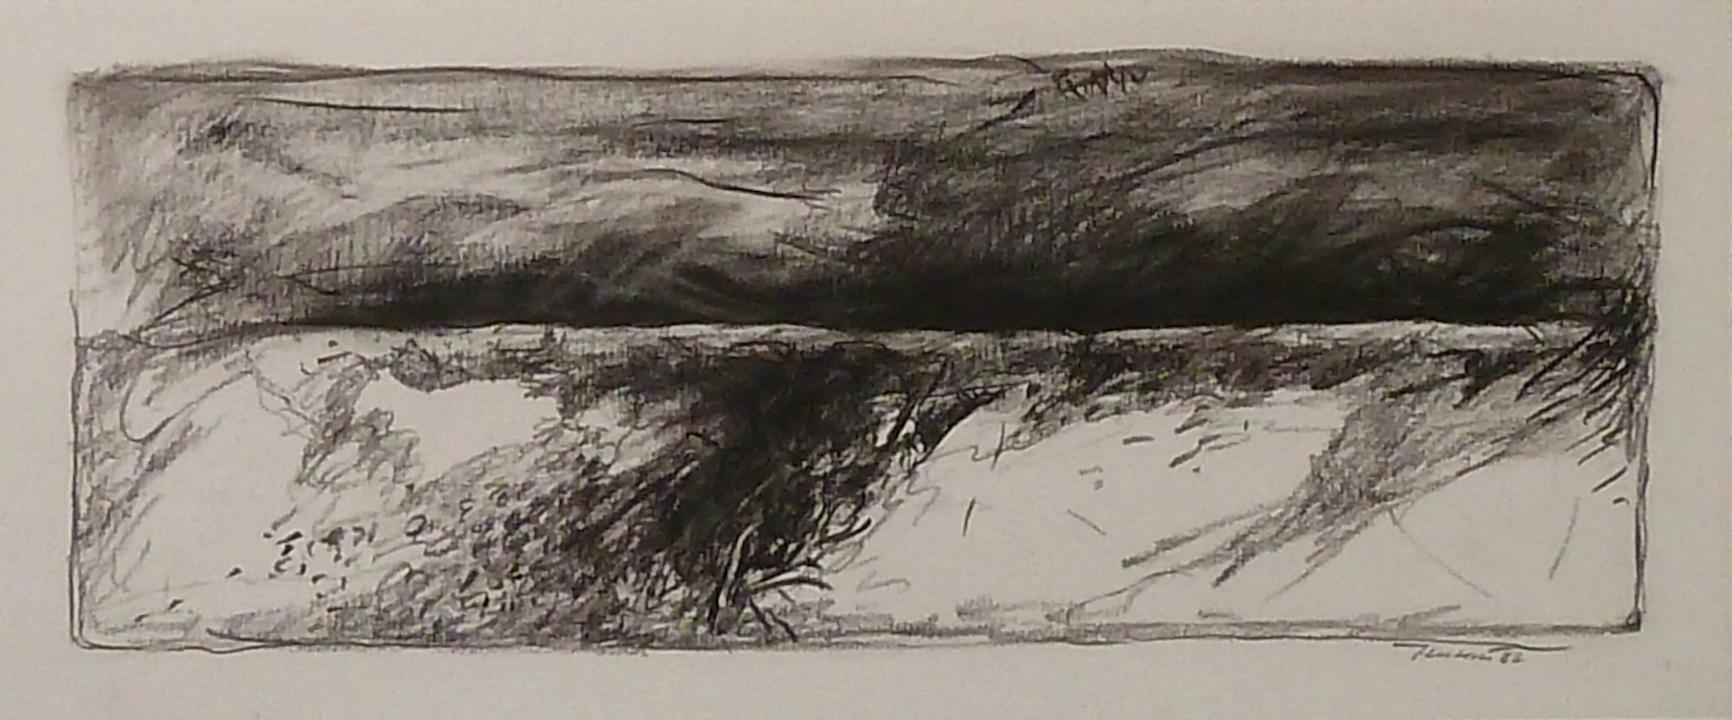 Dune in Olanda 1982. Disegno a Conté 18,5x39